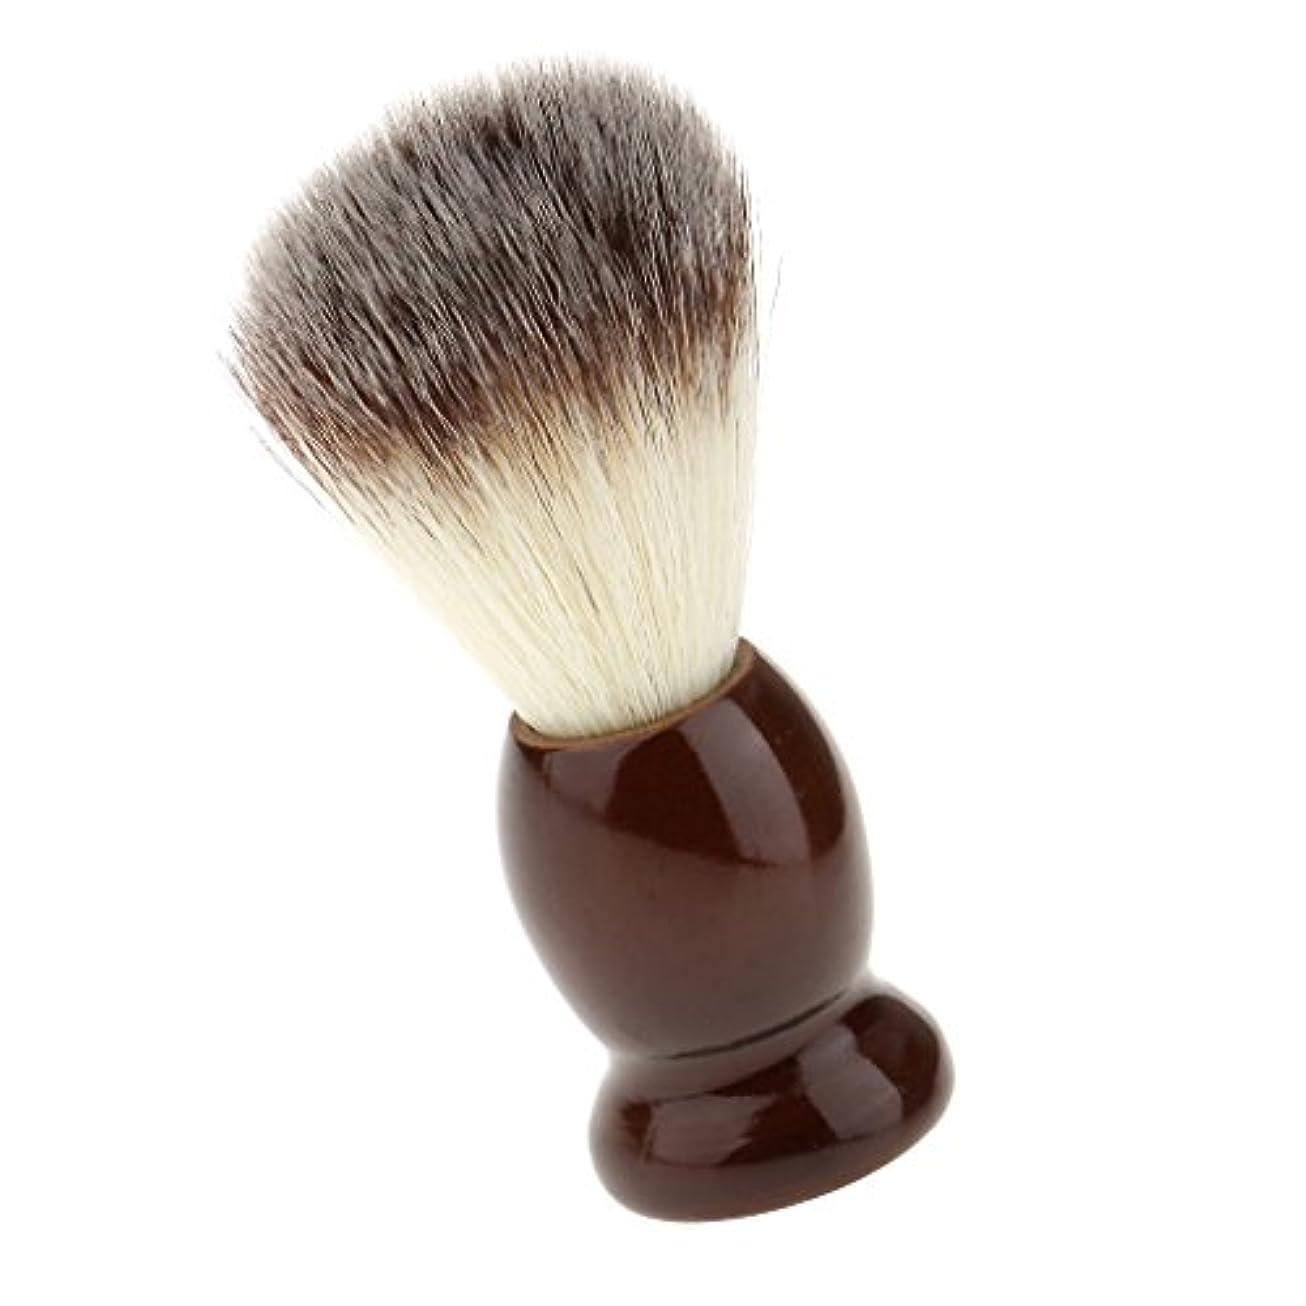 社会主義者おめでとう落ち着いてSONONIA ナイロン製 シェービングブラシ サロン 柔らかい 髭剃り 洗顔 理容   便携 10.5cm  ブラウン